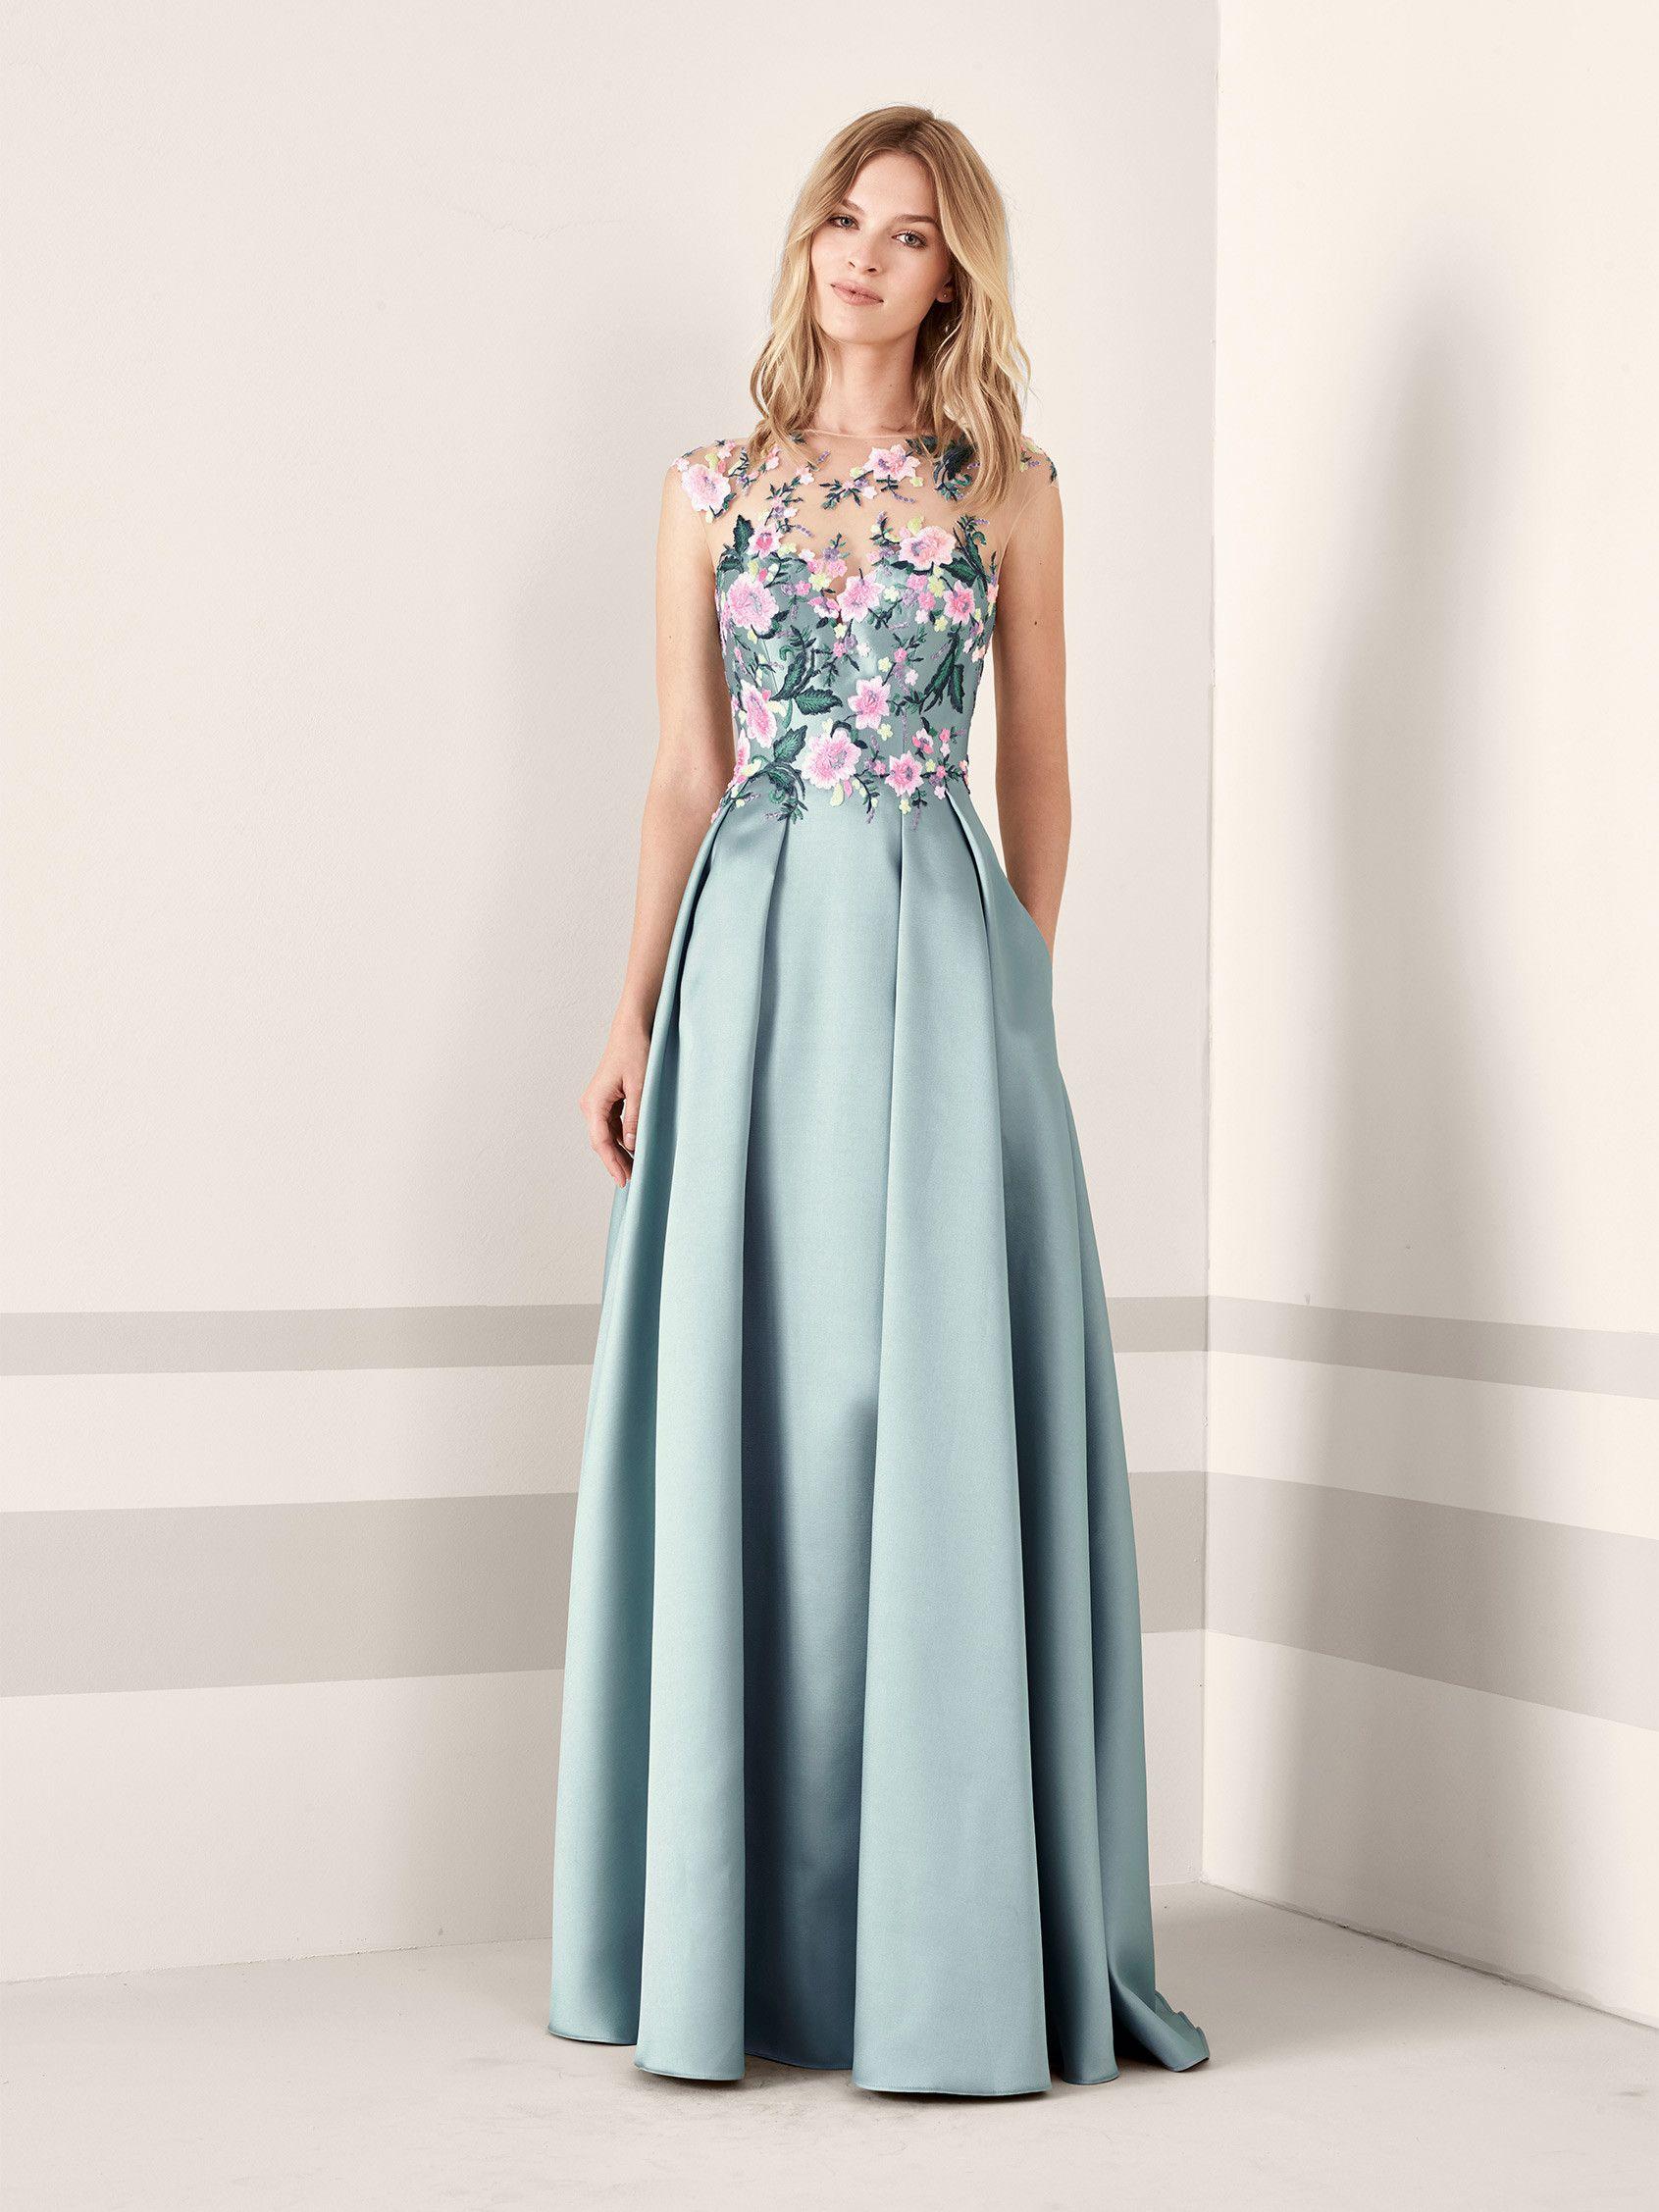 de7599e044 JANIRA  Vestido de fiesta con escote ilusión y manga japonesa con espalda en  tul cristal bordado con flores de hilo y pedrería que asciende por el  cuerpo ...